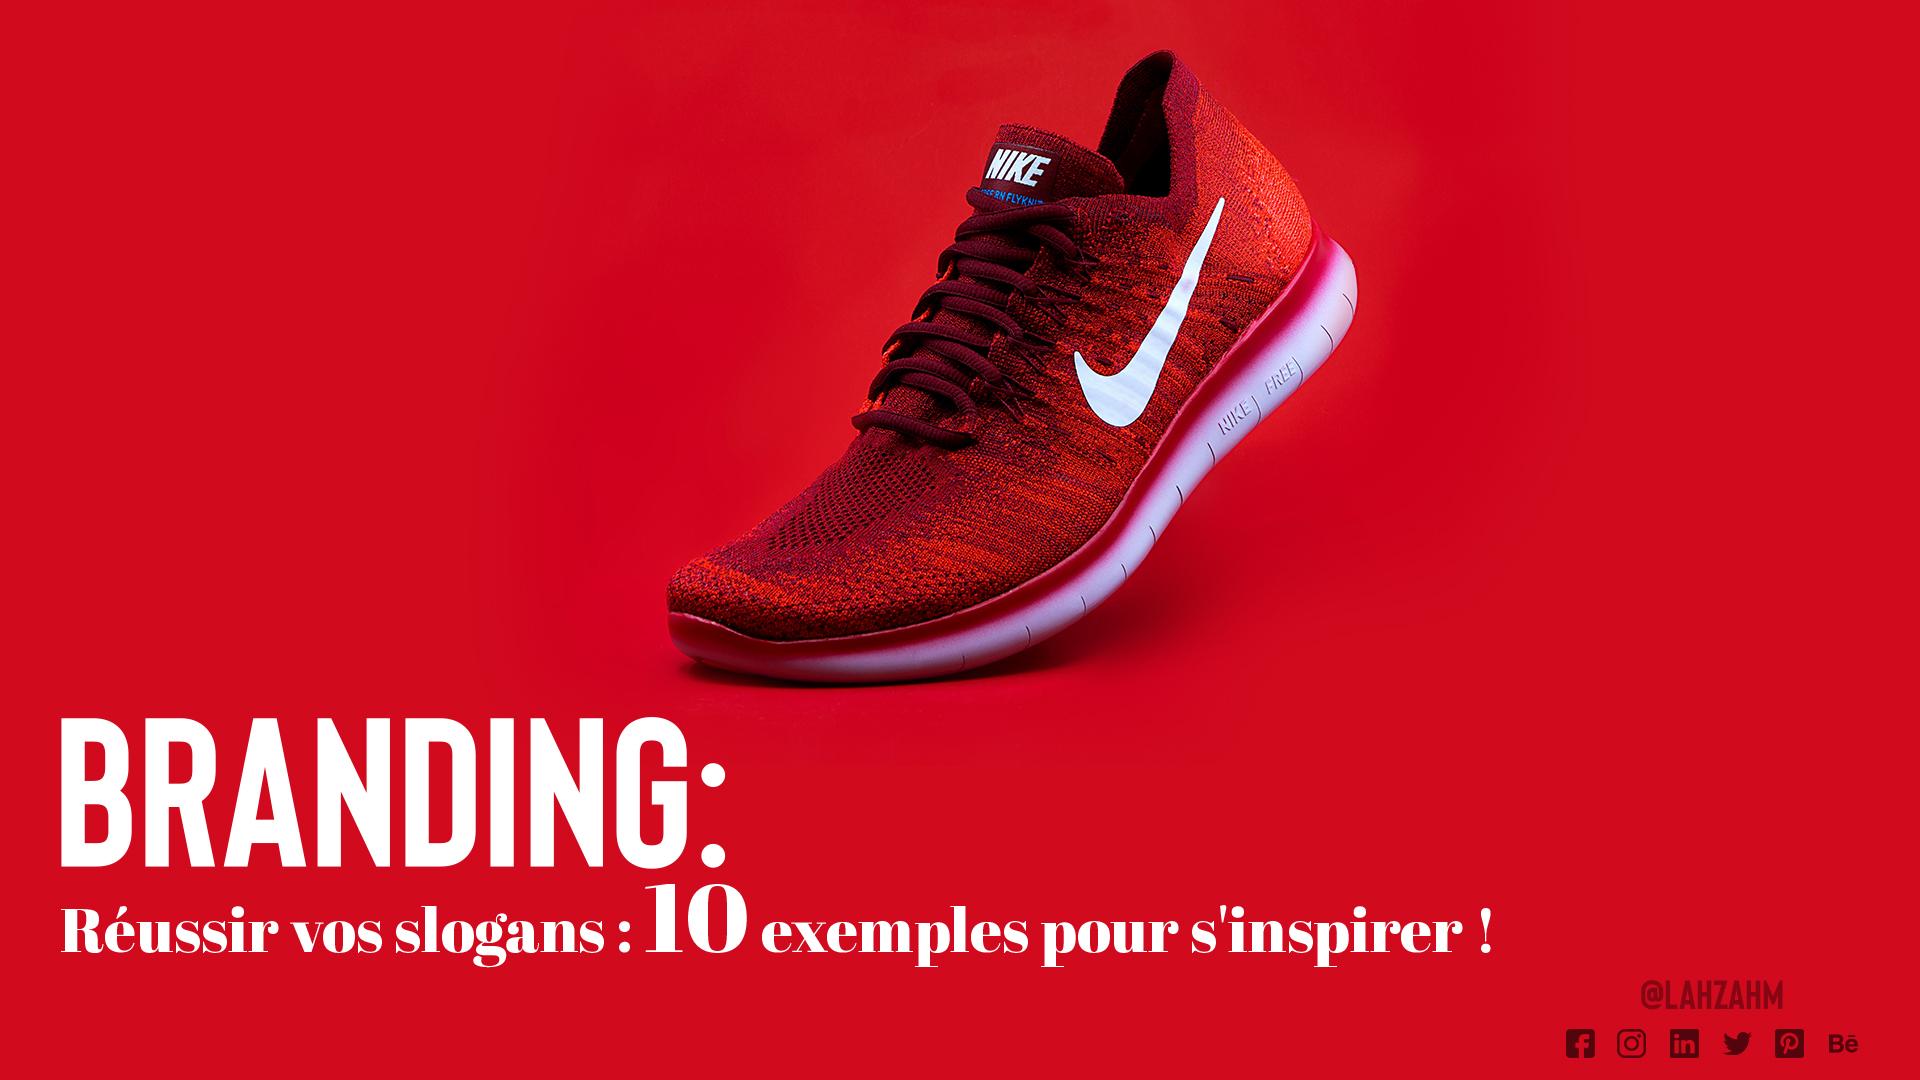 Réussir vos slogans : 10 exemples pour s'inspirer !